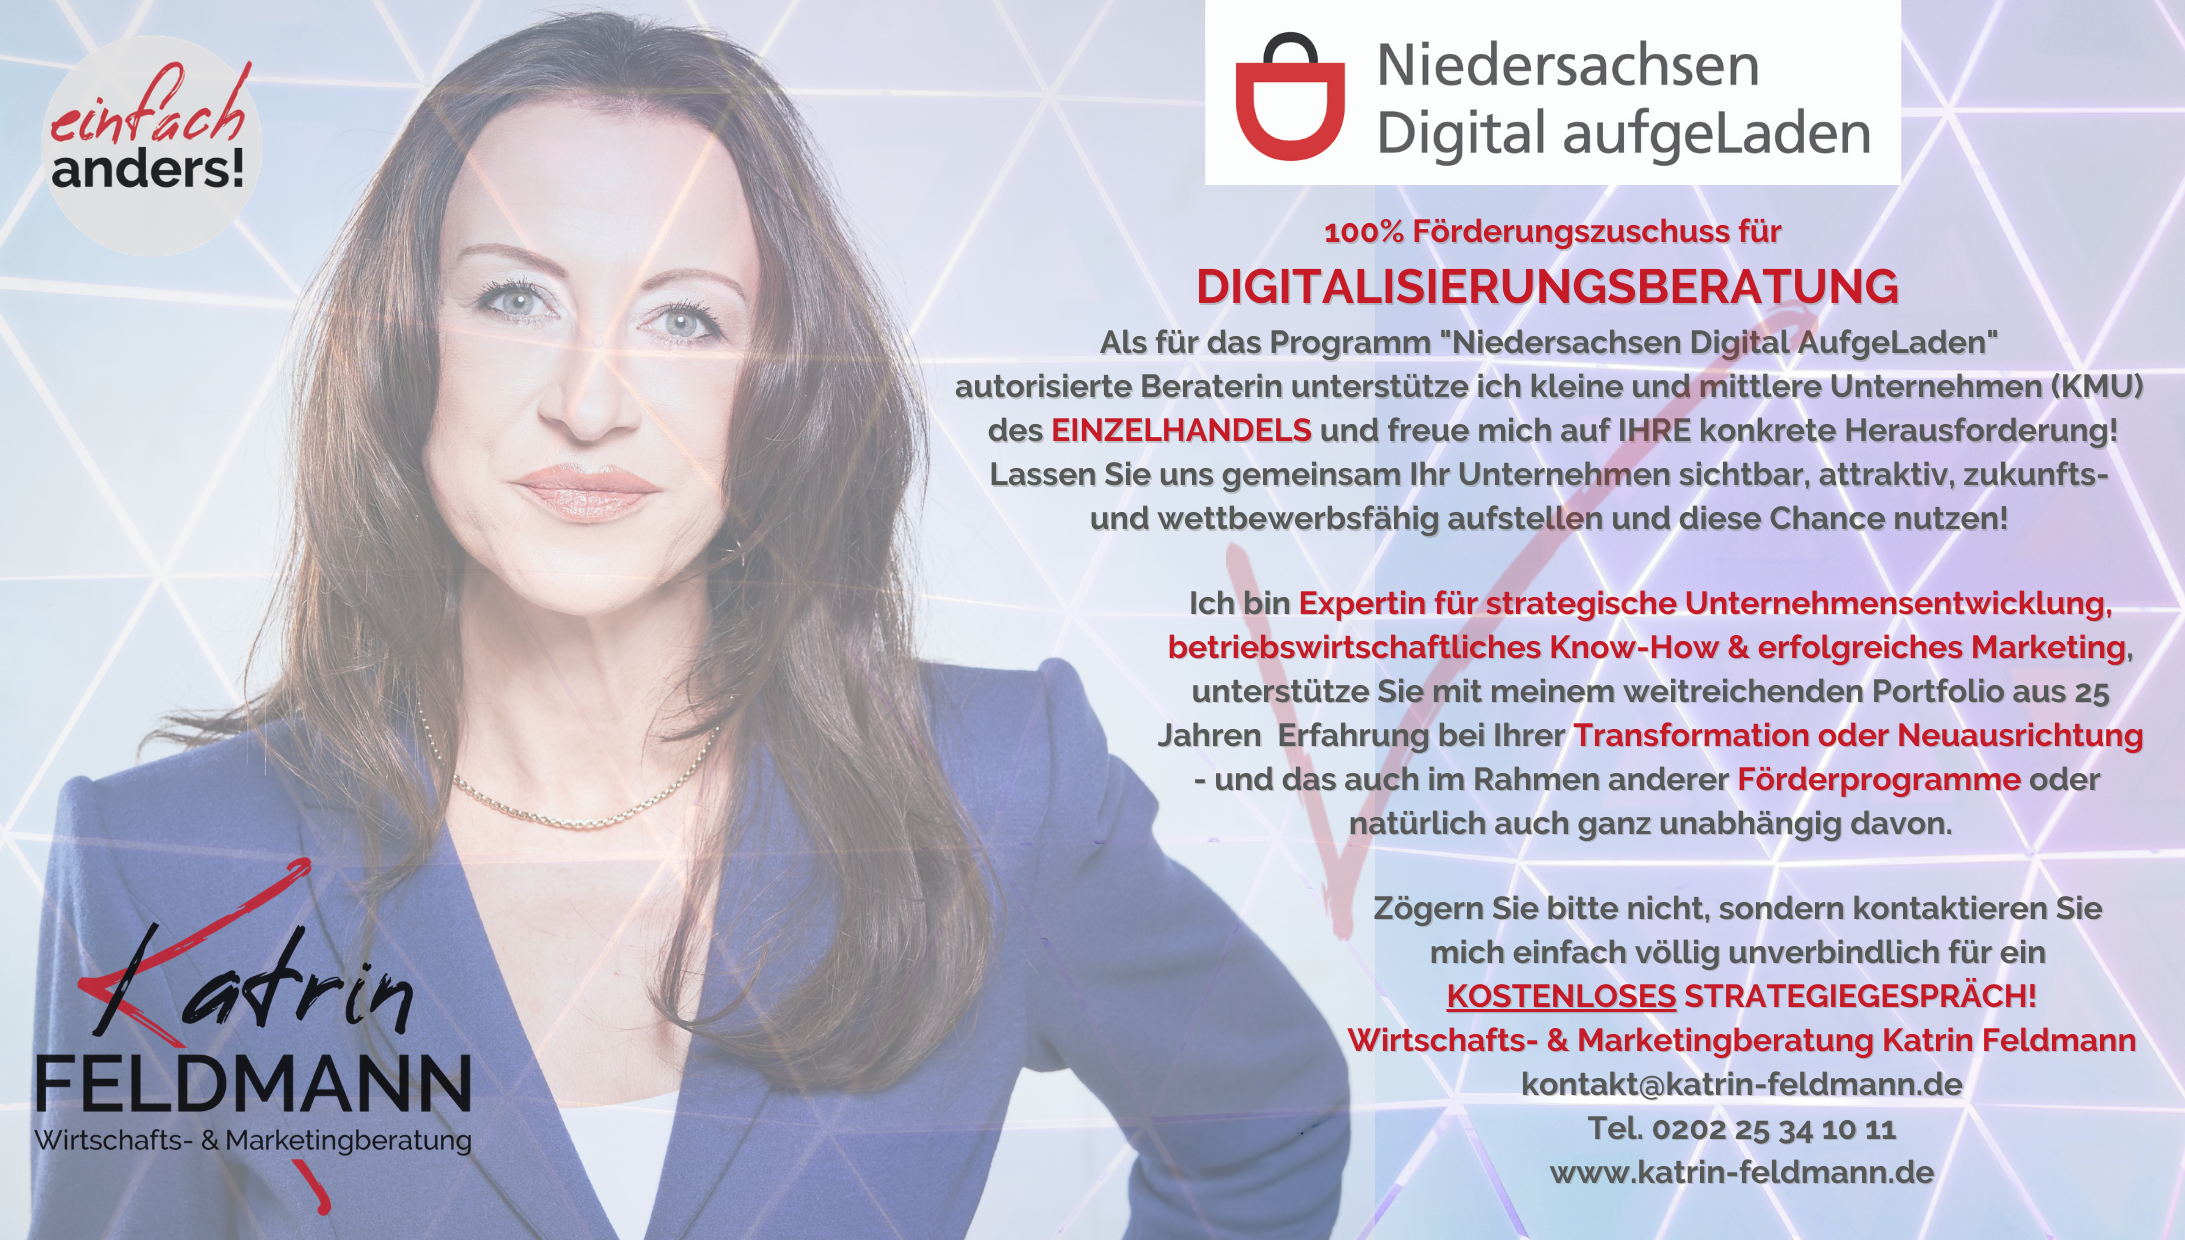 IHK Anzeige_ png_ KatrinFeldmann.png – Katrin Feldmann - Wirtschafts- und Marketingberatung